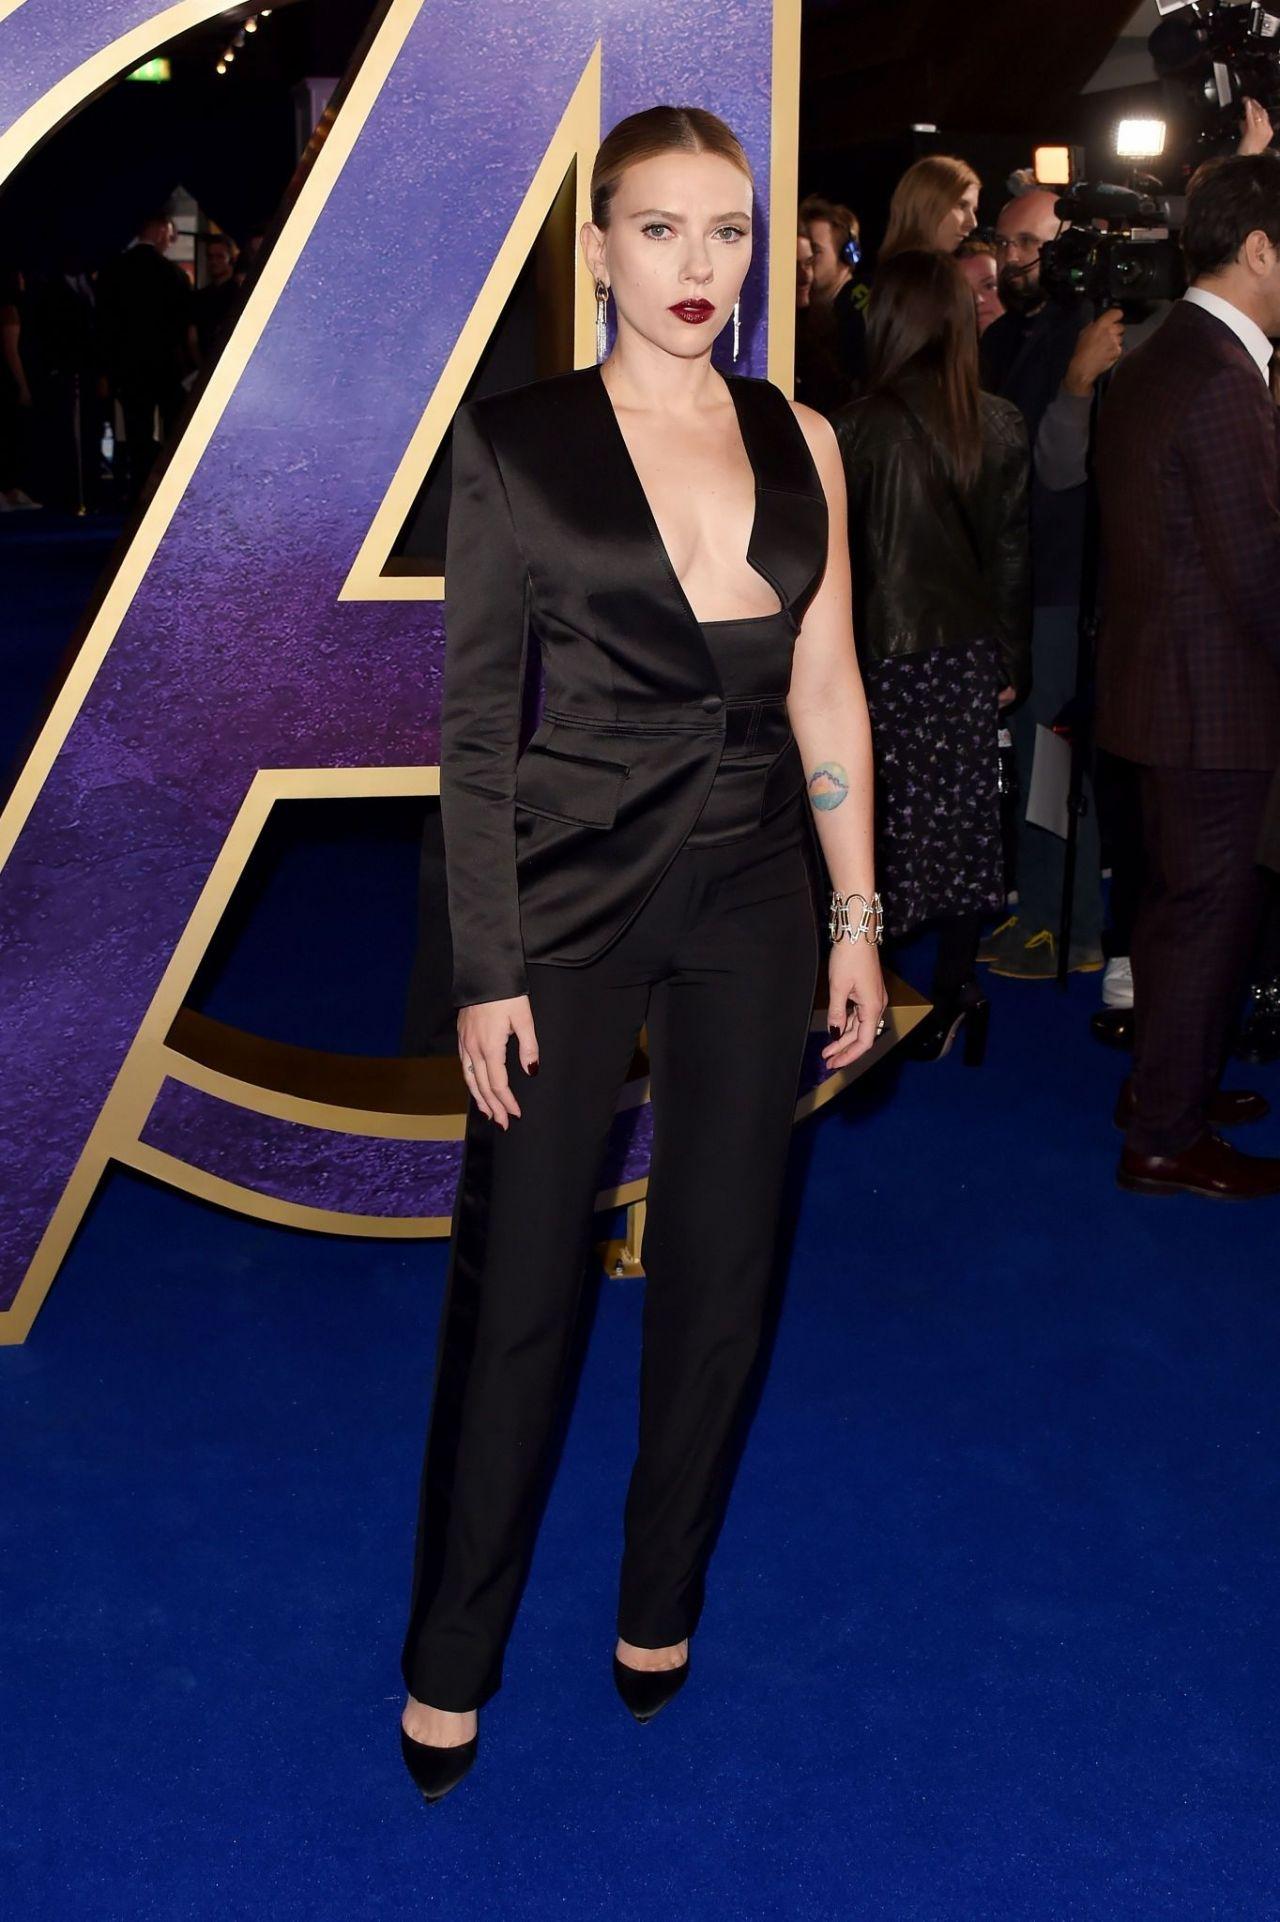 Scarlett Johansson Avengers Endgame Fan Event In London